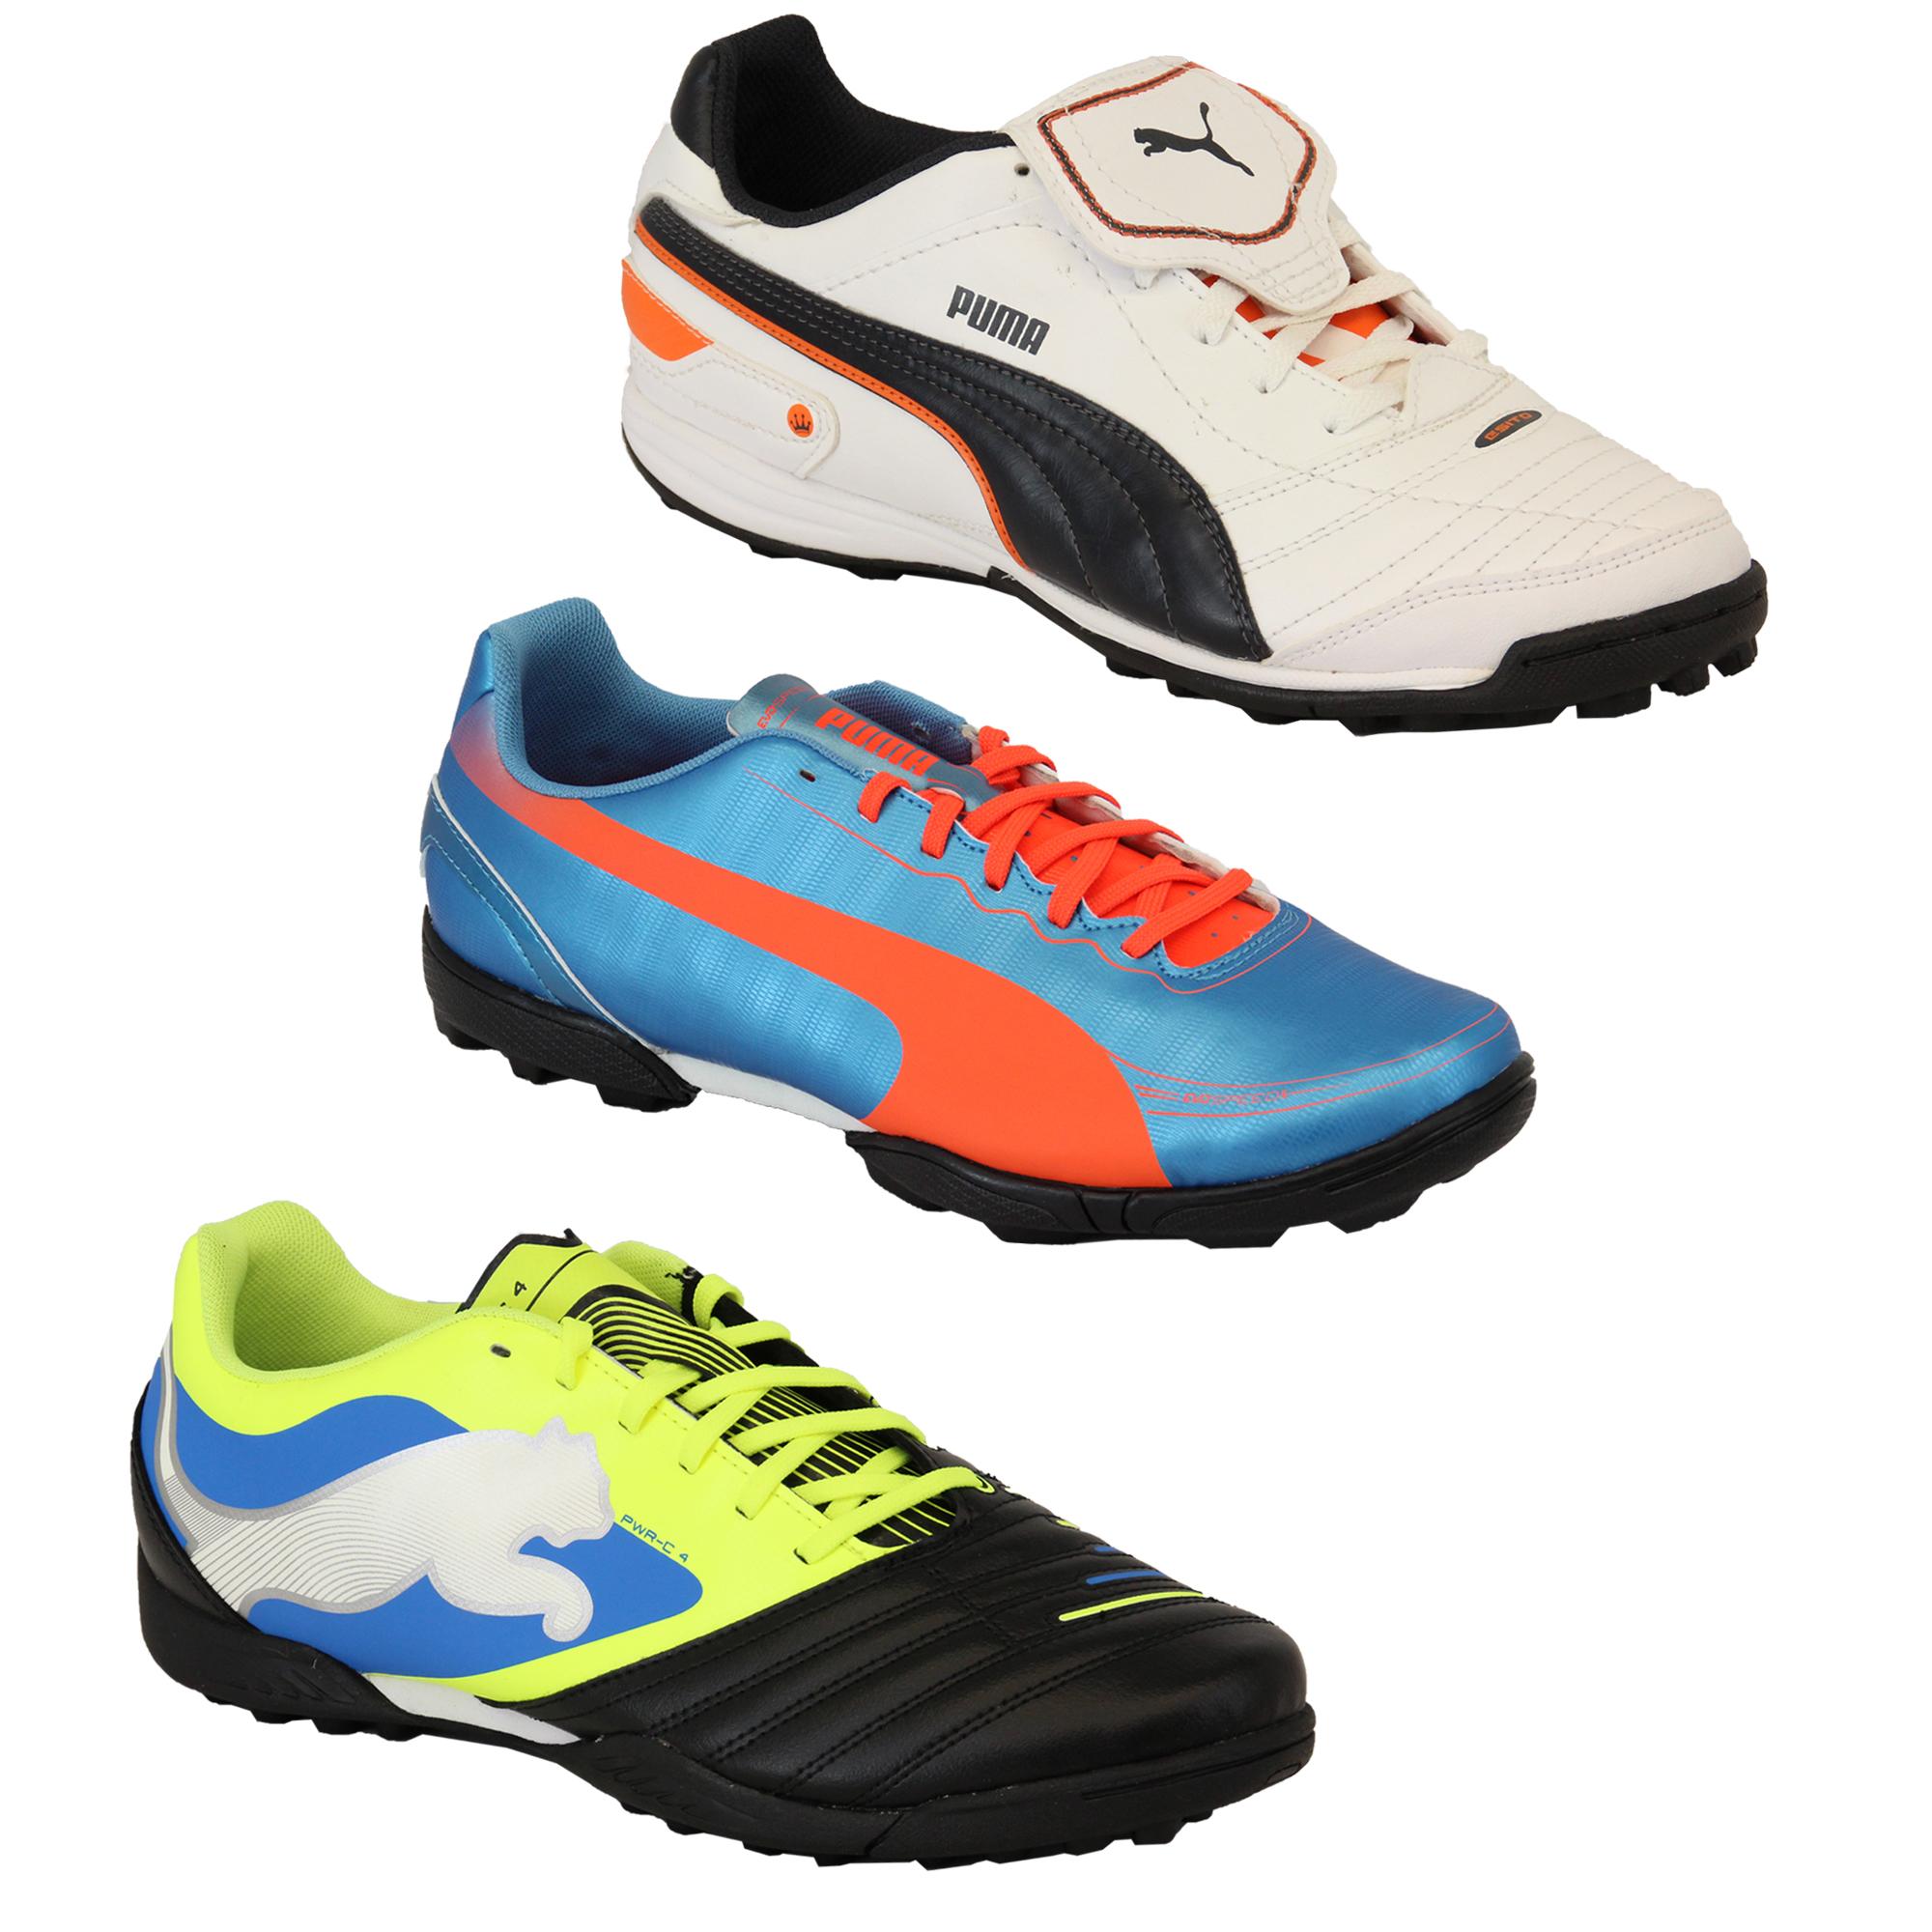 5914bd65fd5 Hombre Puma Zapatillas Astro Turf Zapatos con Cordones Caminar ...